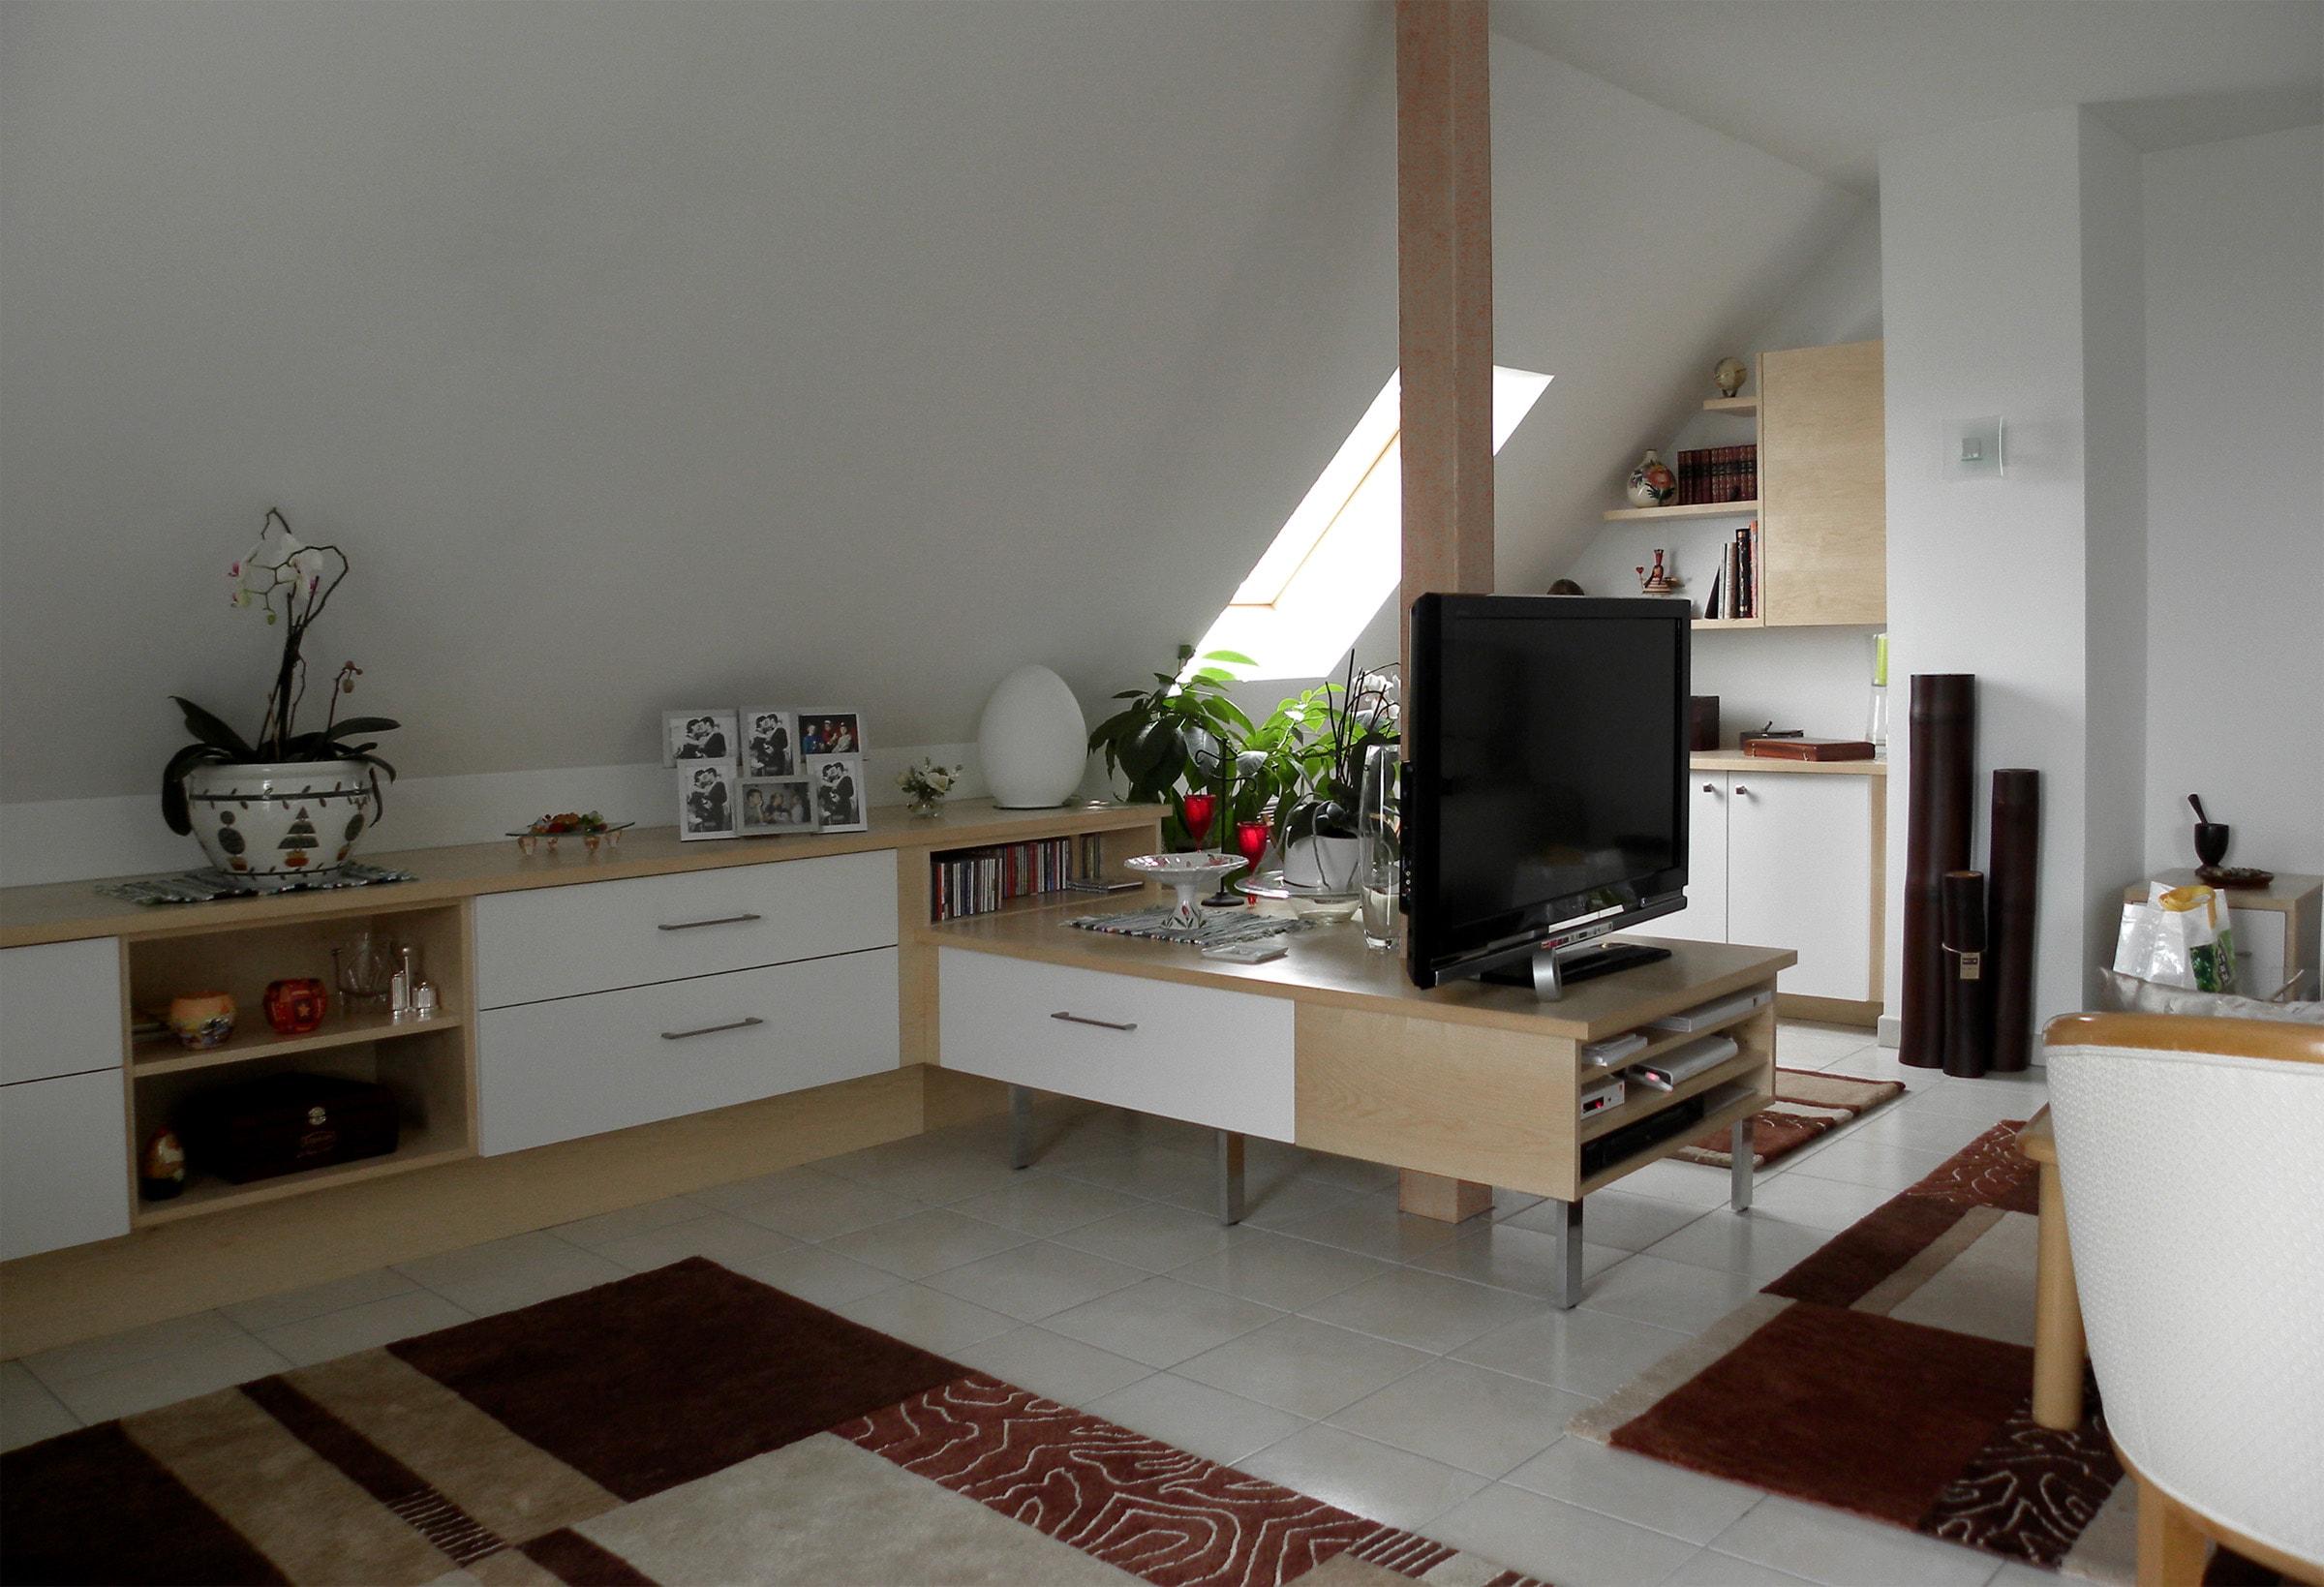 Meubles-salon-séjour-plaquage-Erable-et-Laque-blanche-1-min